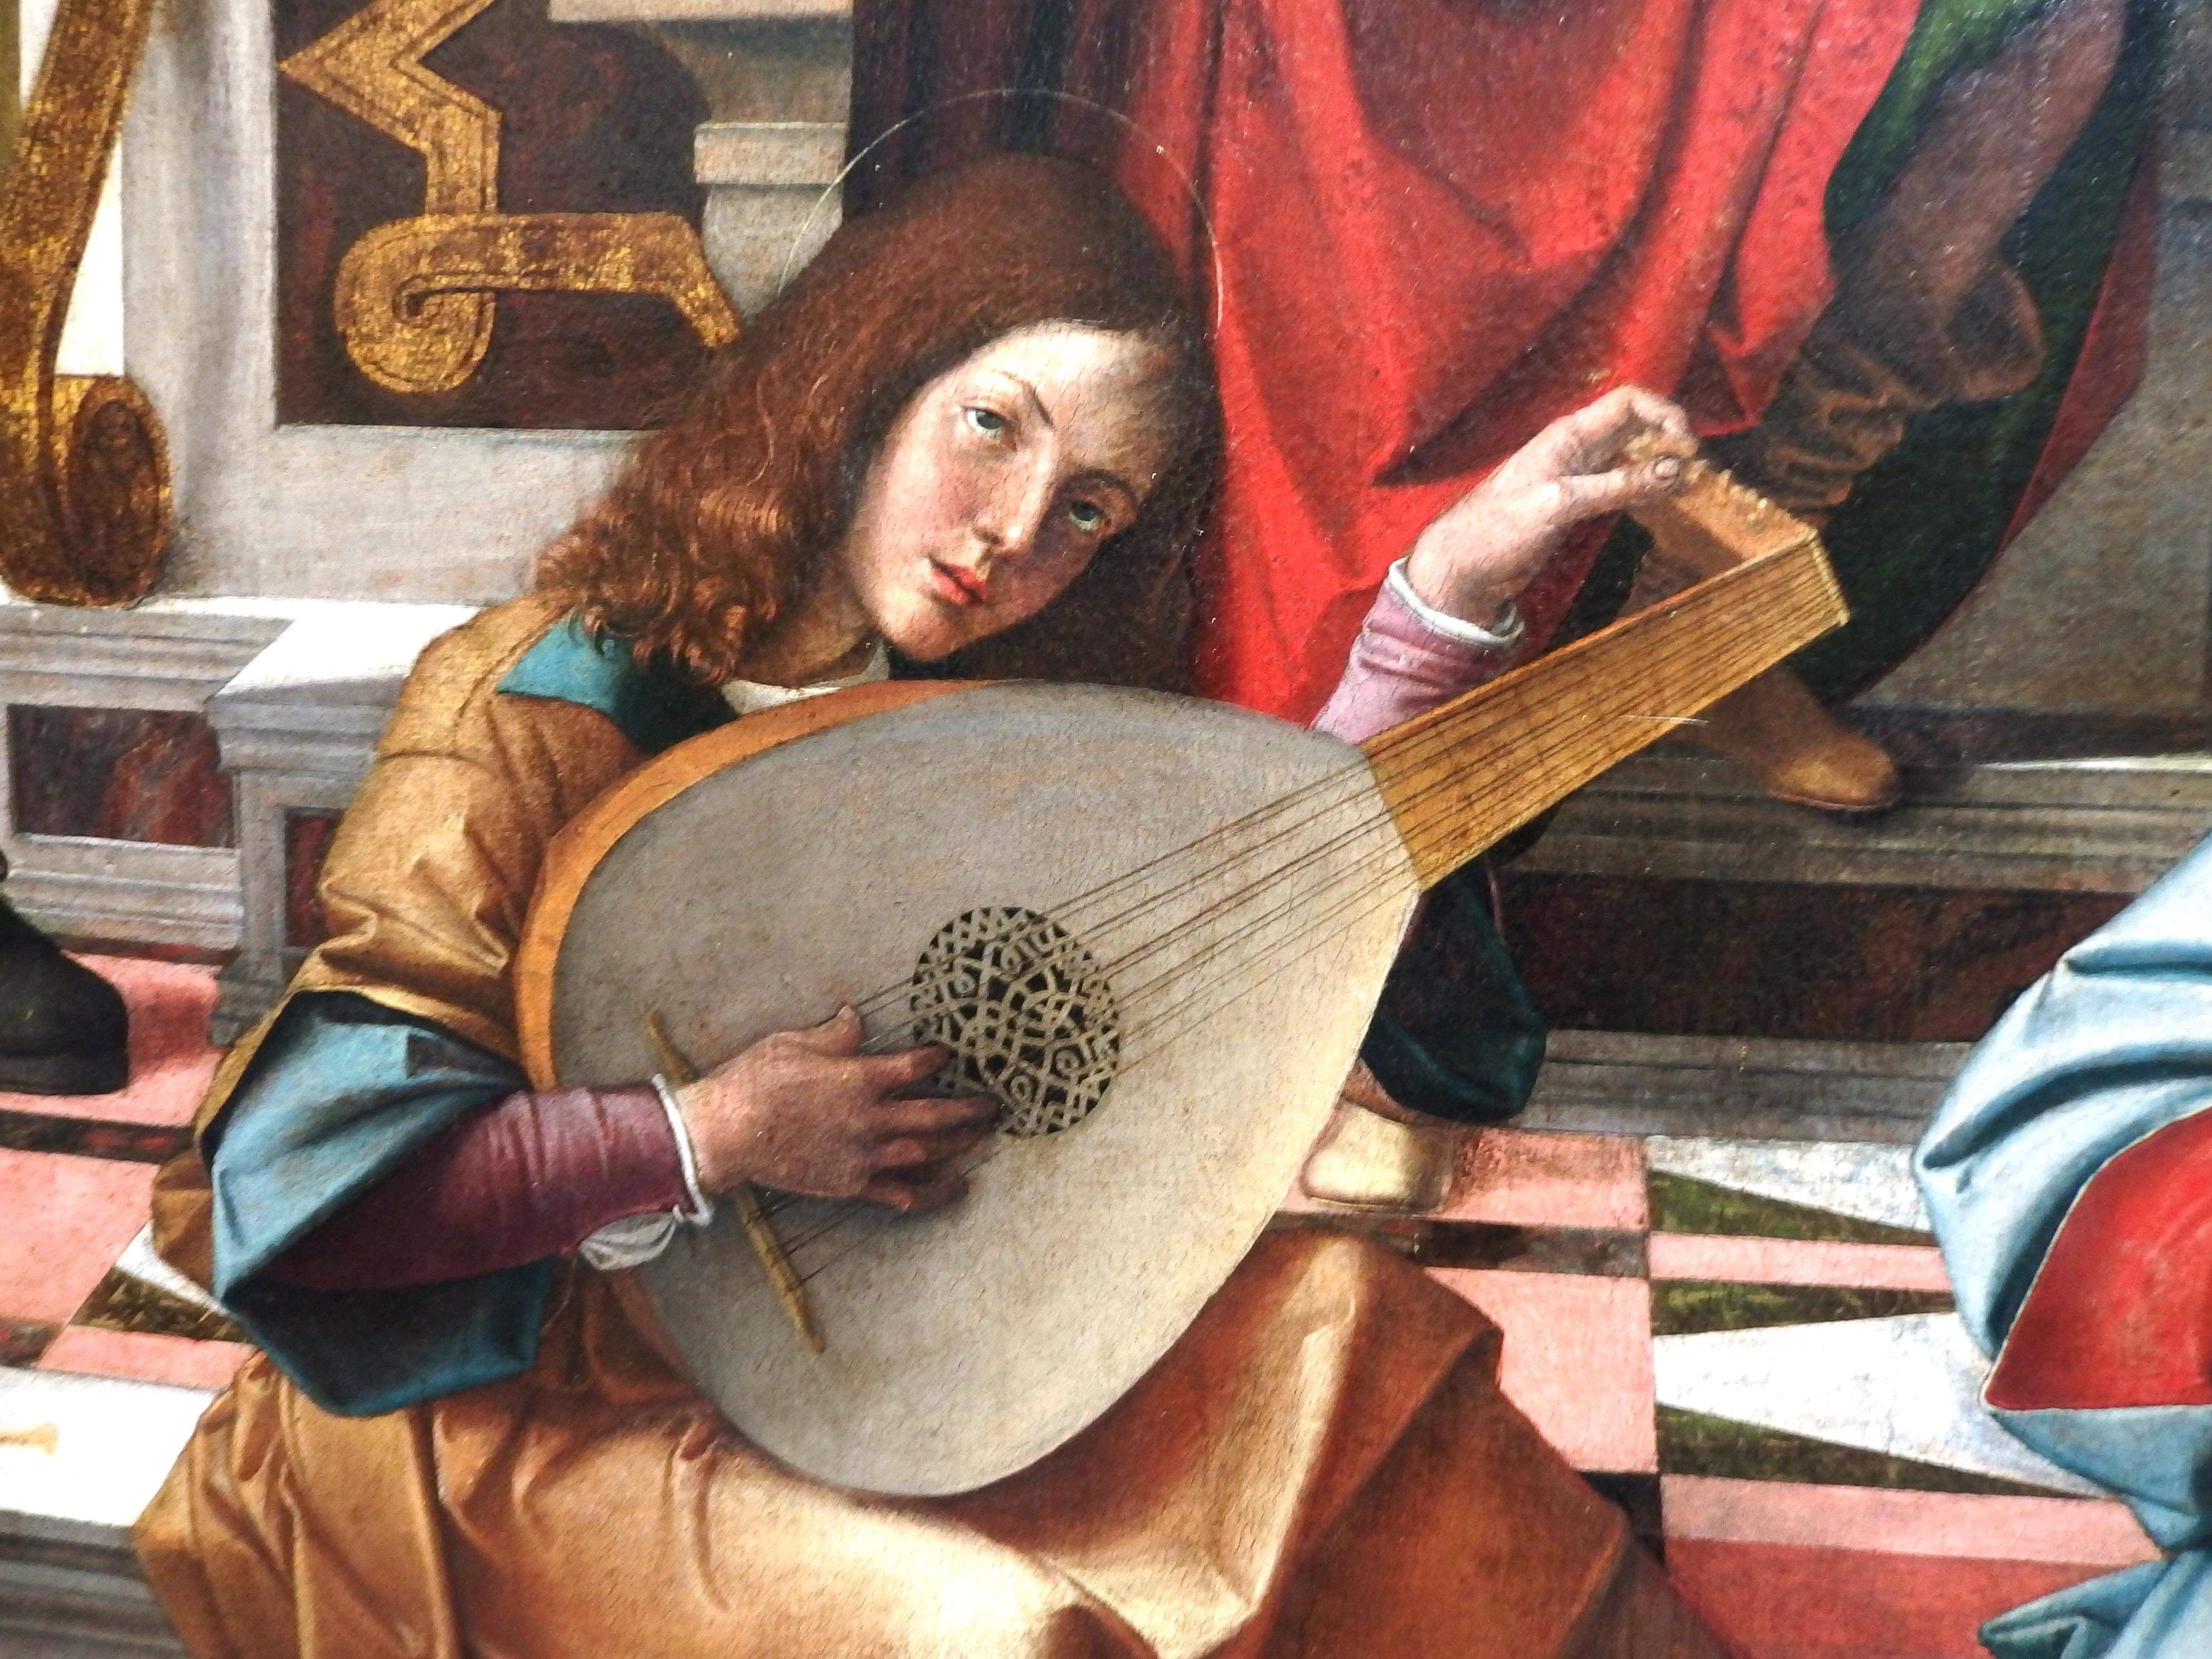 Itálie - Milán - Pinacoteca di Brera, Madona na trůnu, B.Montagna, 1499, detail anděle - hudebníka